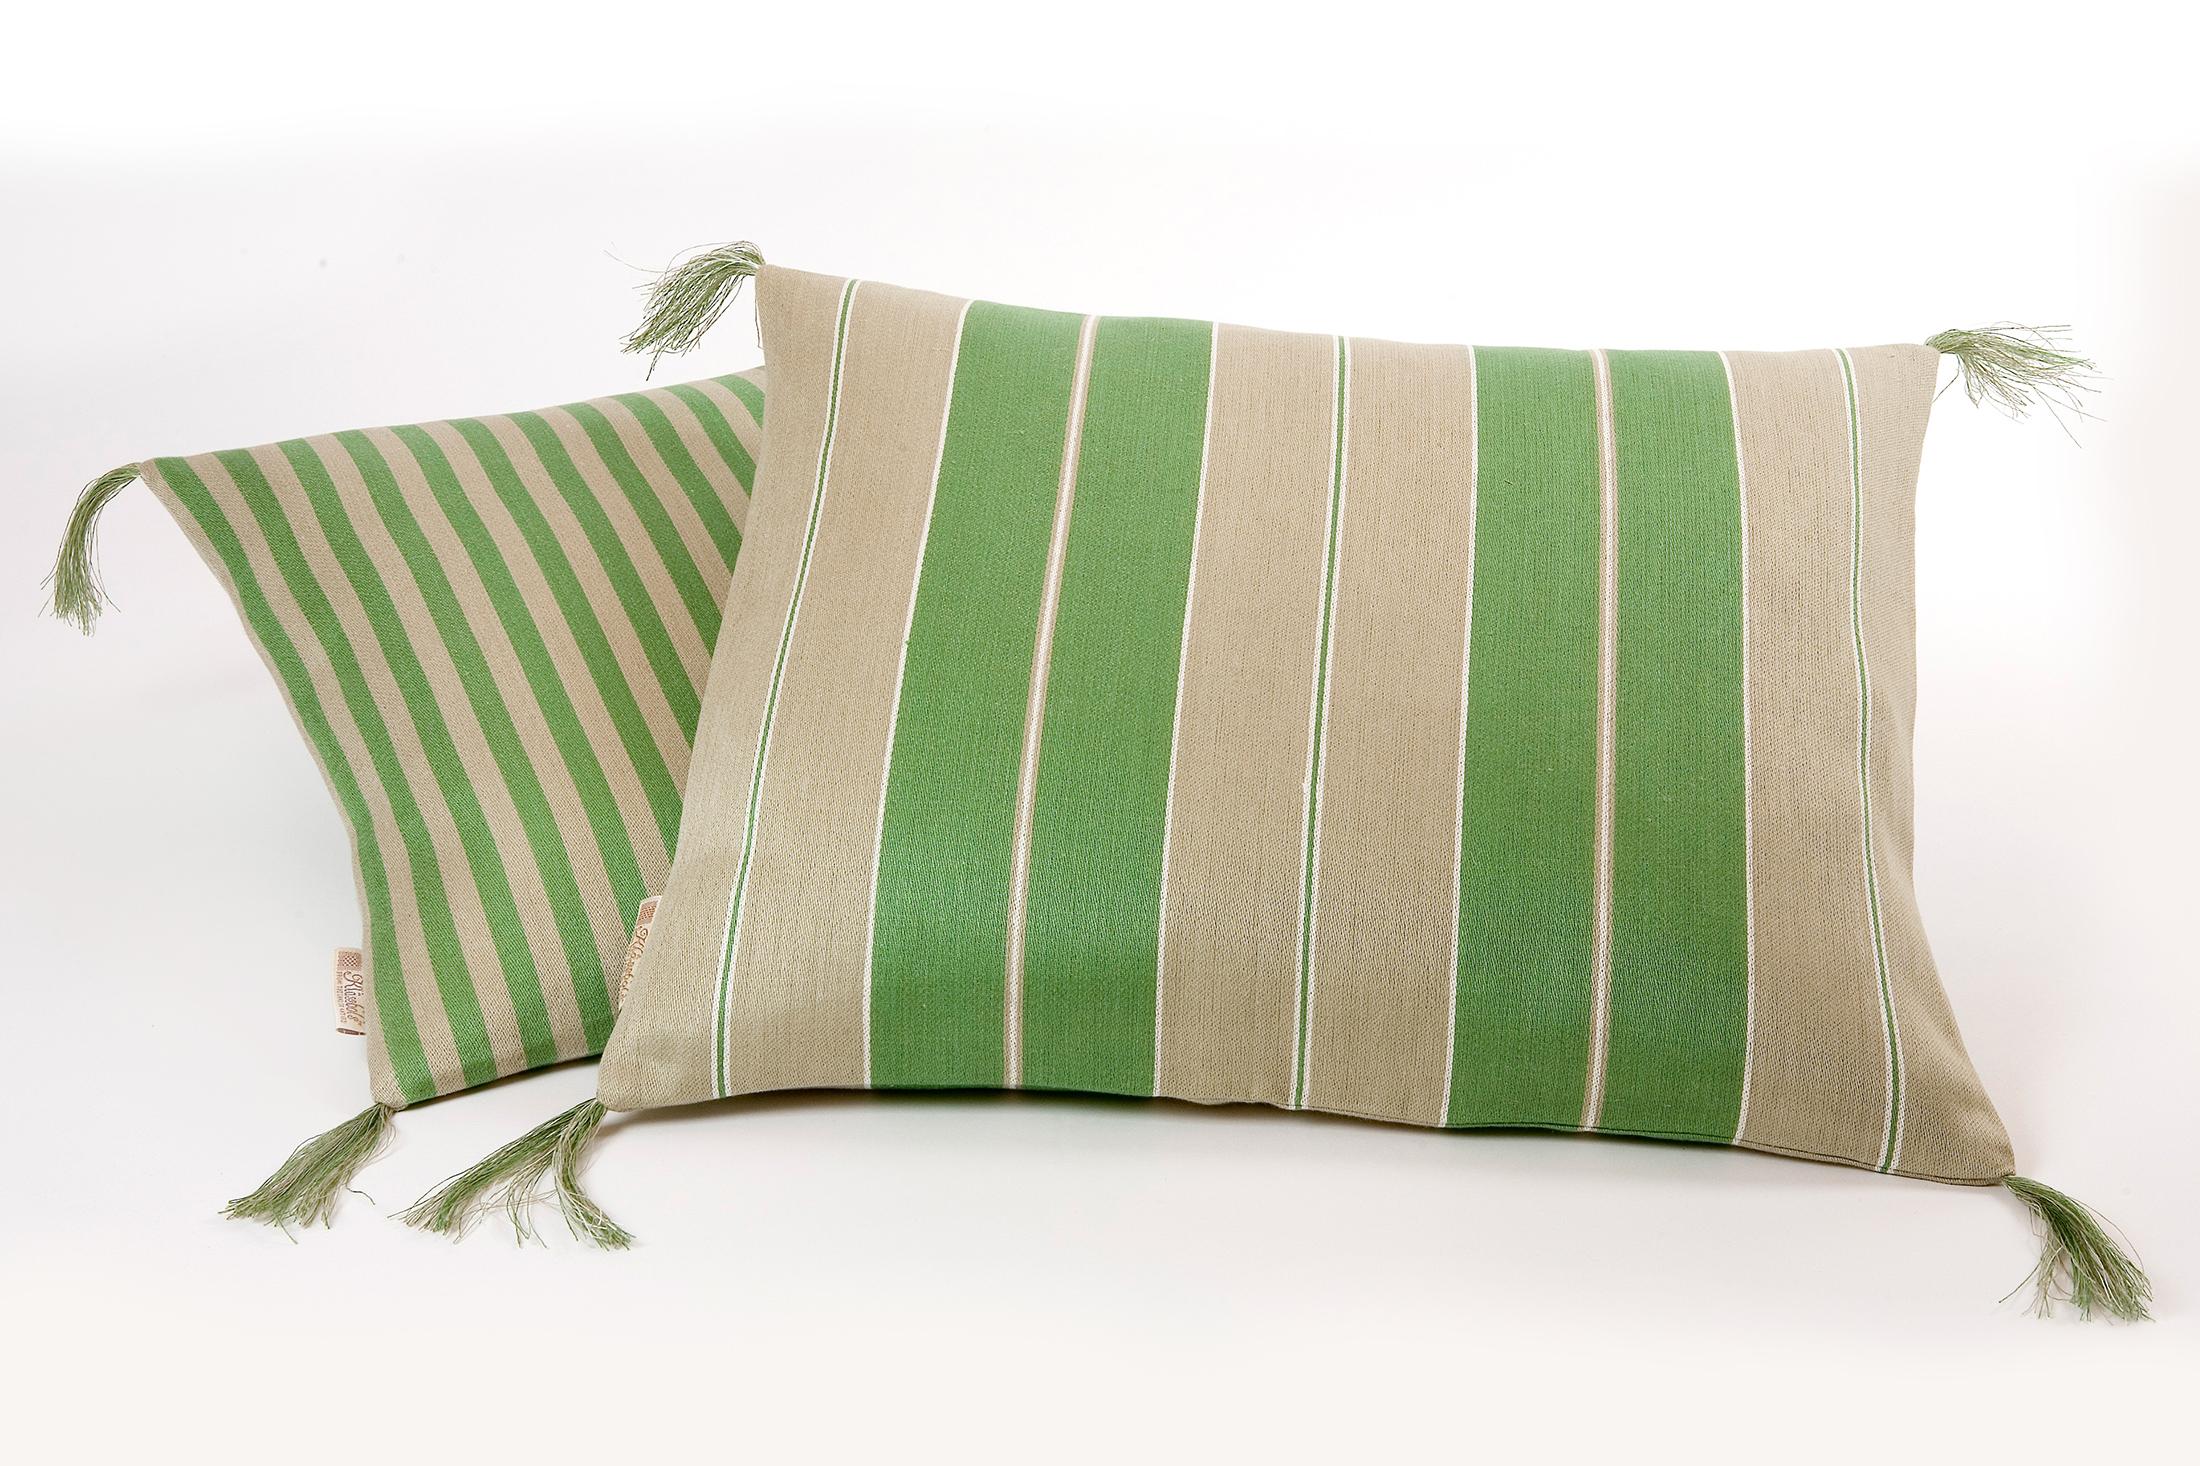 Bolster linnekuddar grönt Klässbols Linneväveri design Lena Rahoult samlingsbild